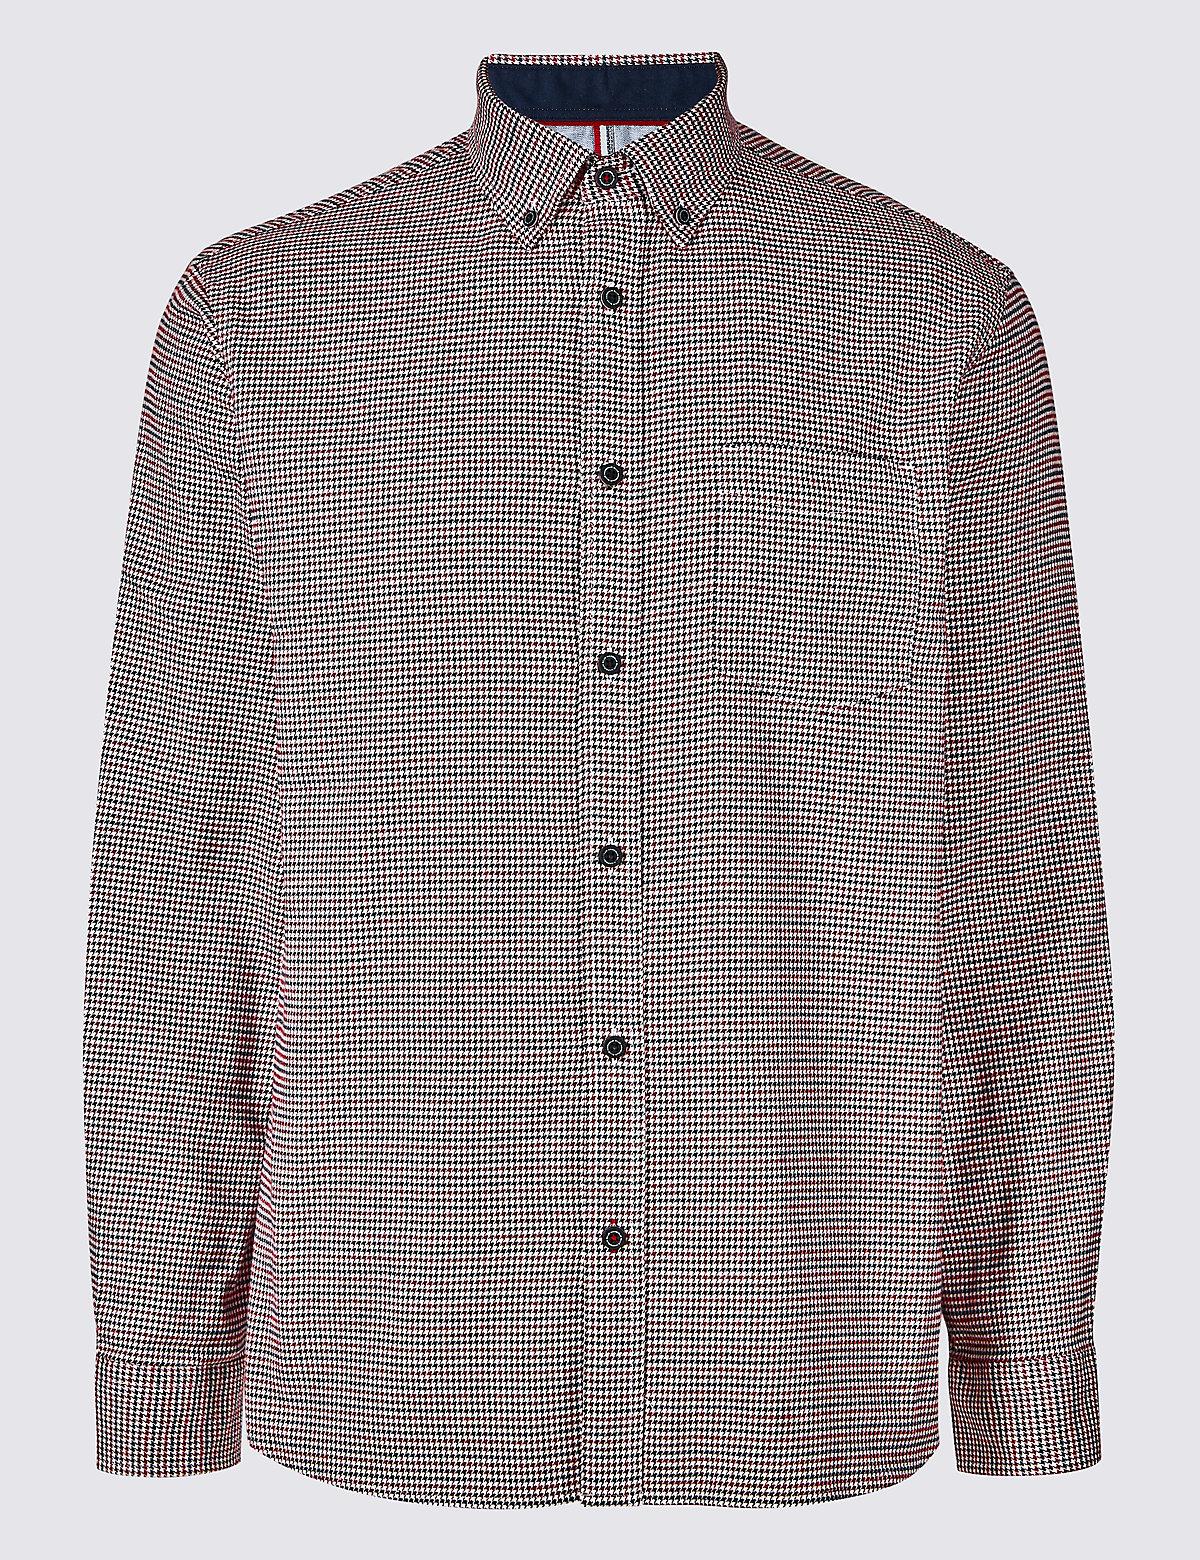 Рубашка текстурированная из 100% хлопка с нагрудным карманом